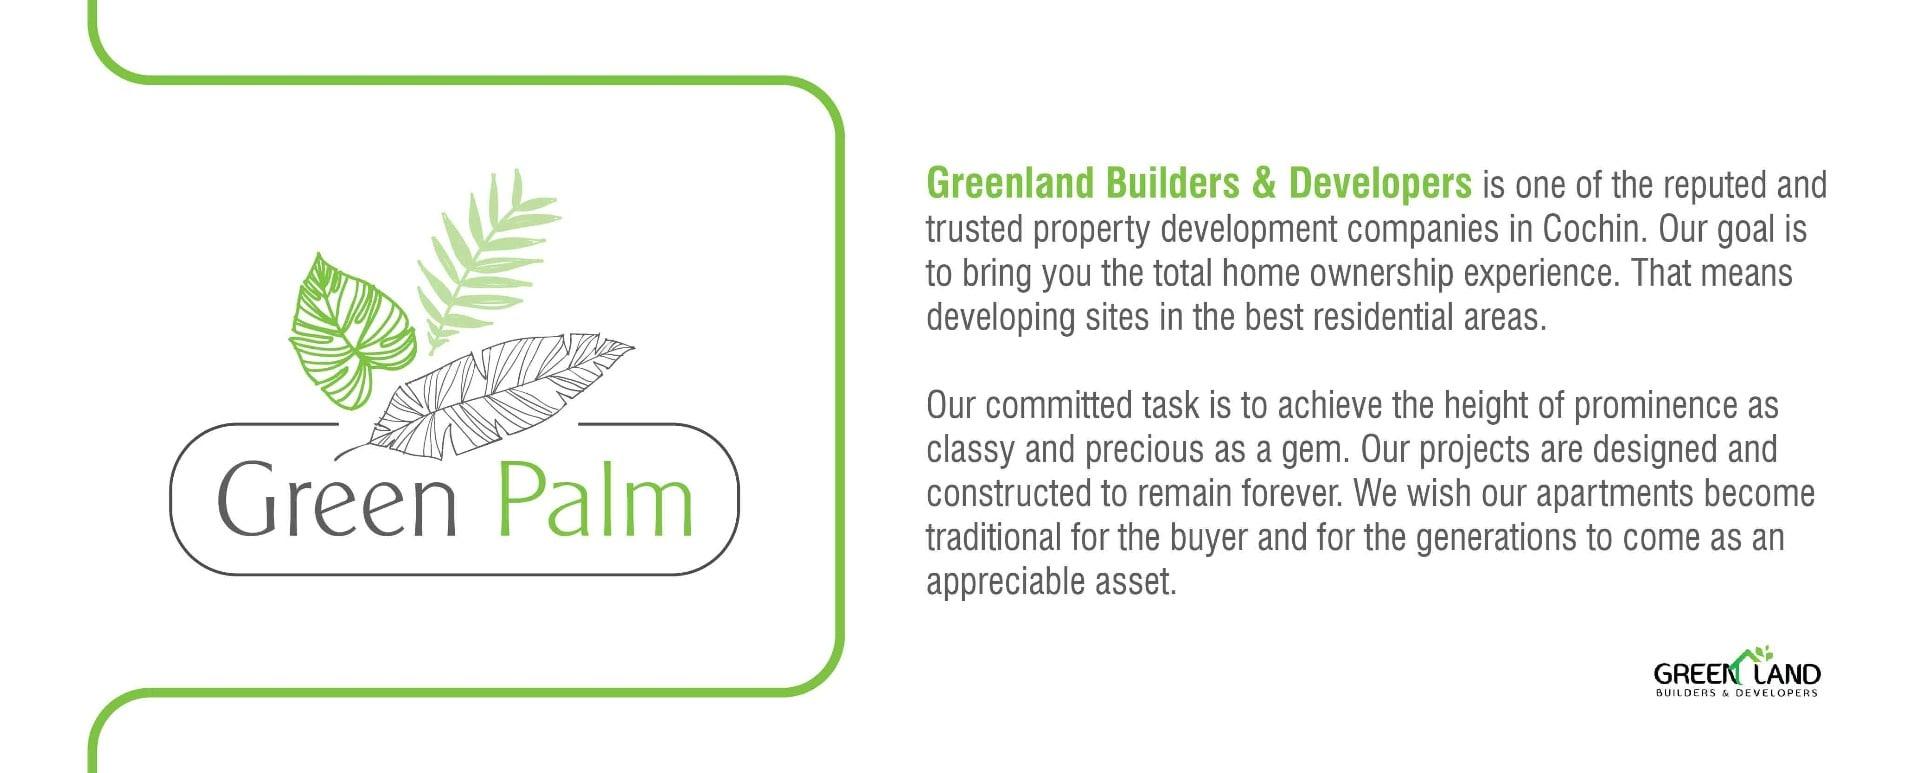 Green Land Builders & Developers - Builder and Developer Agency in Aluva, Ernakulam